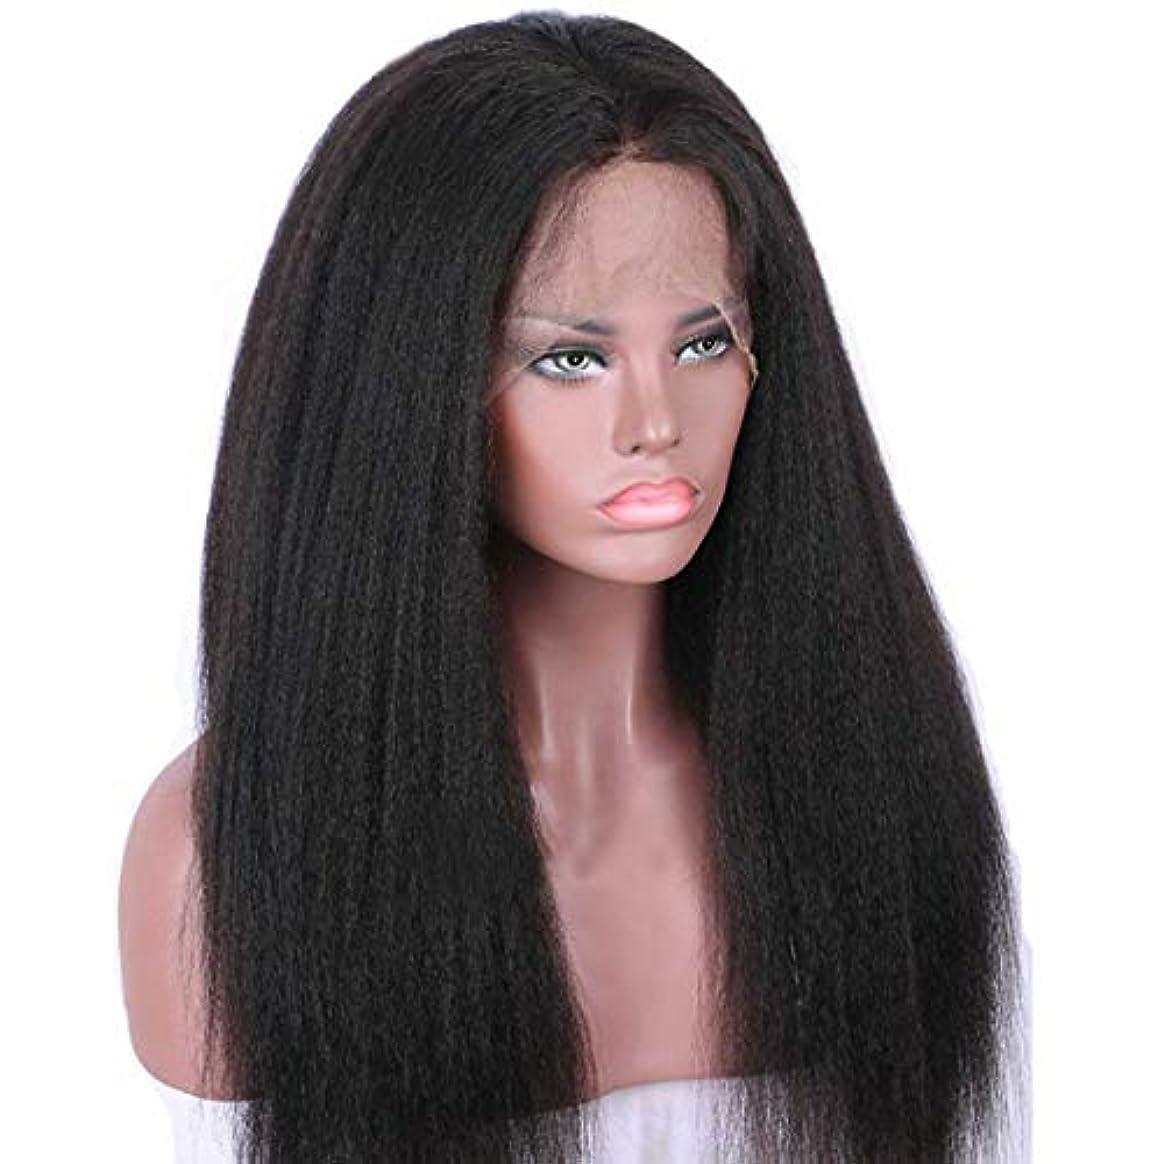 雑品何でもキャラバンウィッグ つけ毛 フロントレース合成ロングストレートウィッグセット、ブラック女性ウィッグ、高温ファイバーウィッグ (色 : 黒)